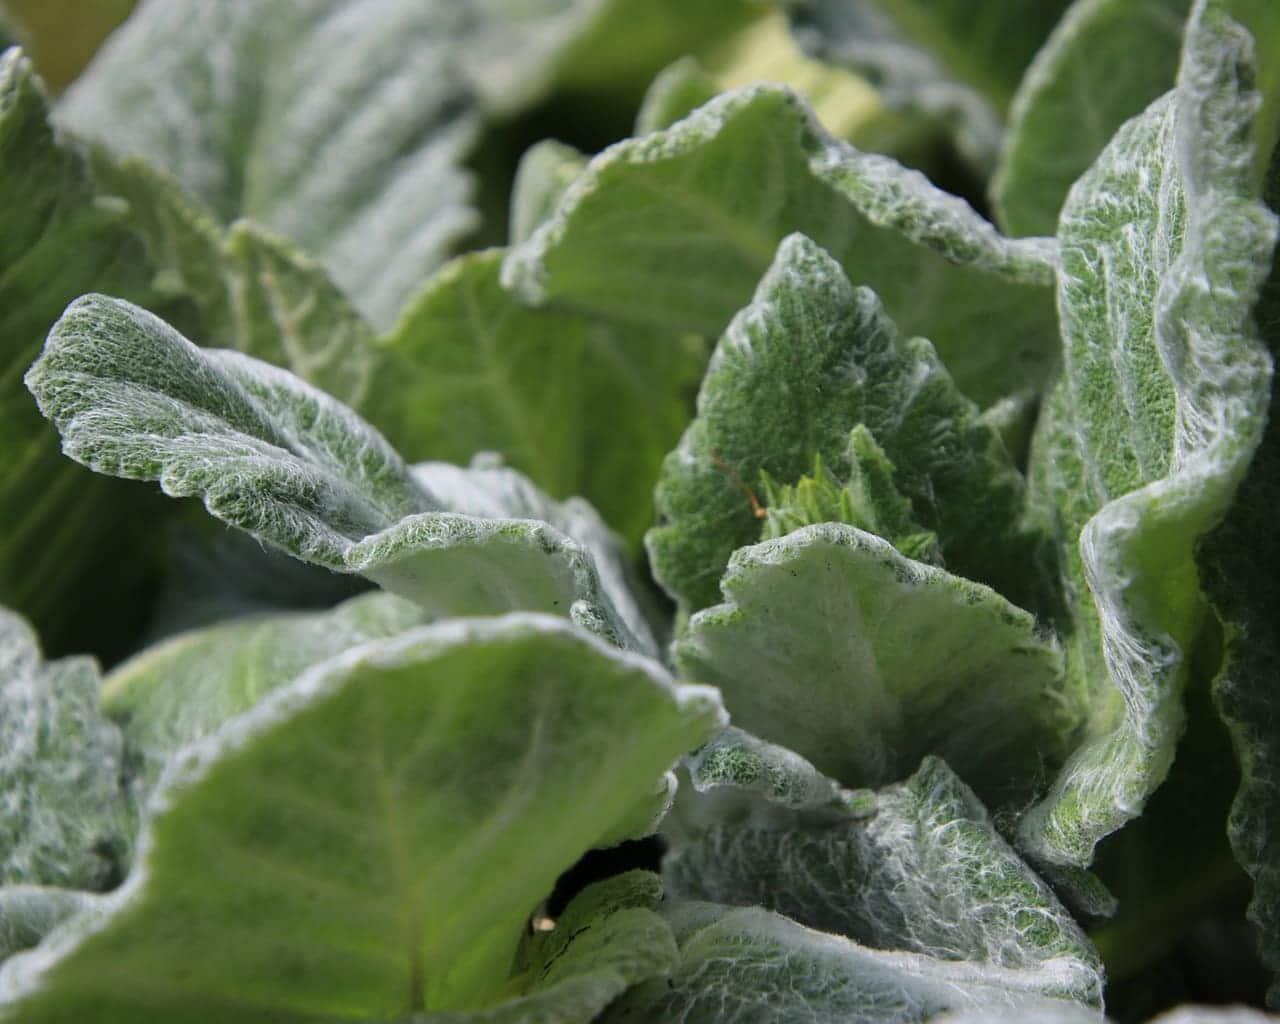 Der Silberblatt Salbei (Salvia argentea) ist trockenheitsliebend und für trockene Standorte eine Laubschmuckpflanze